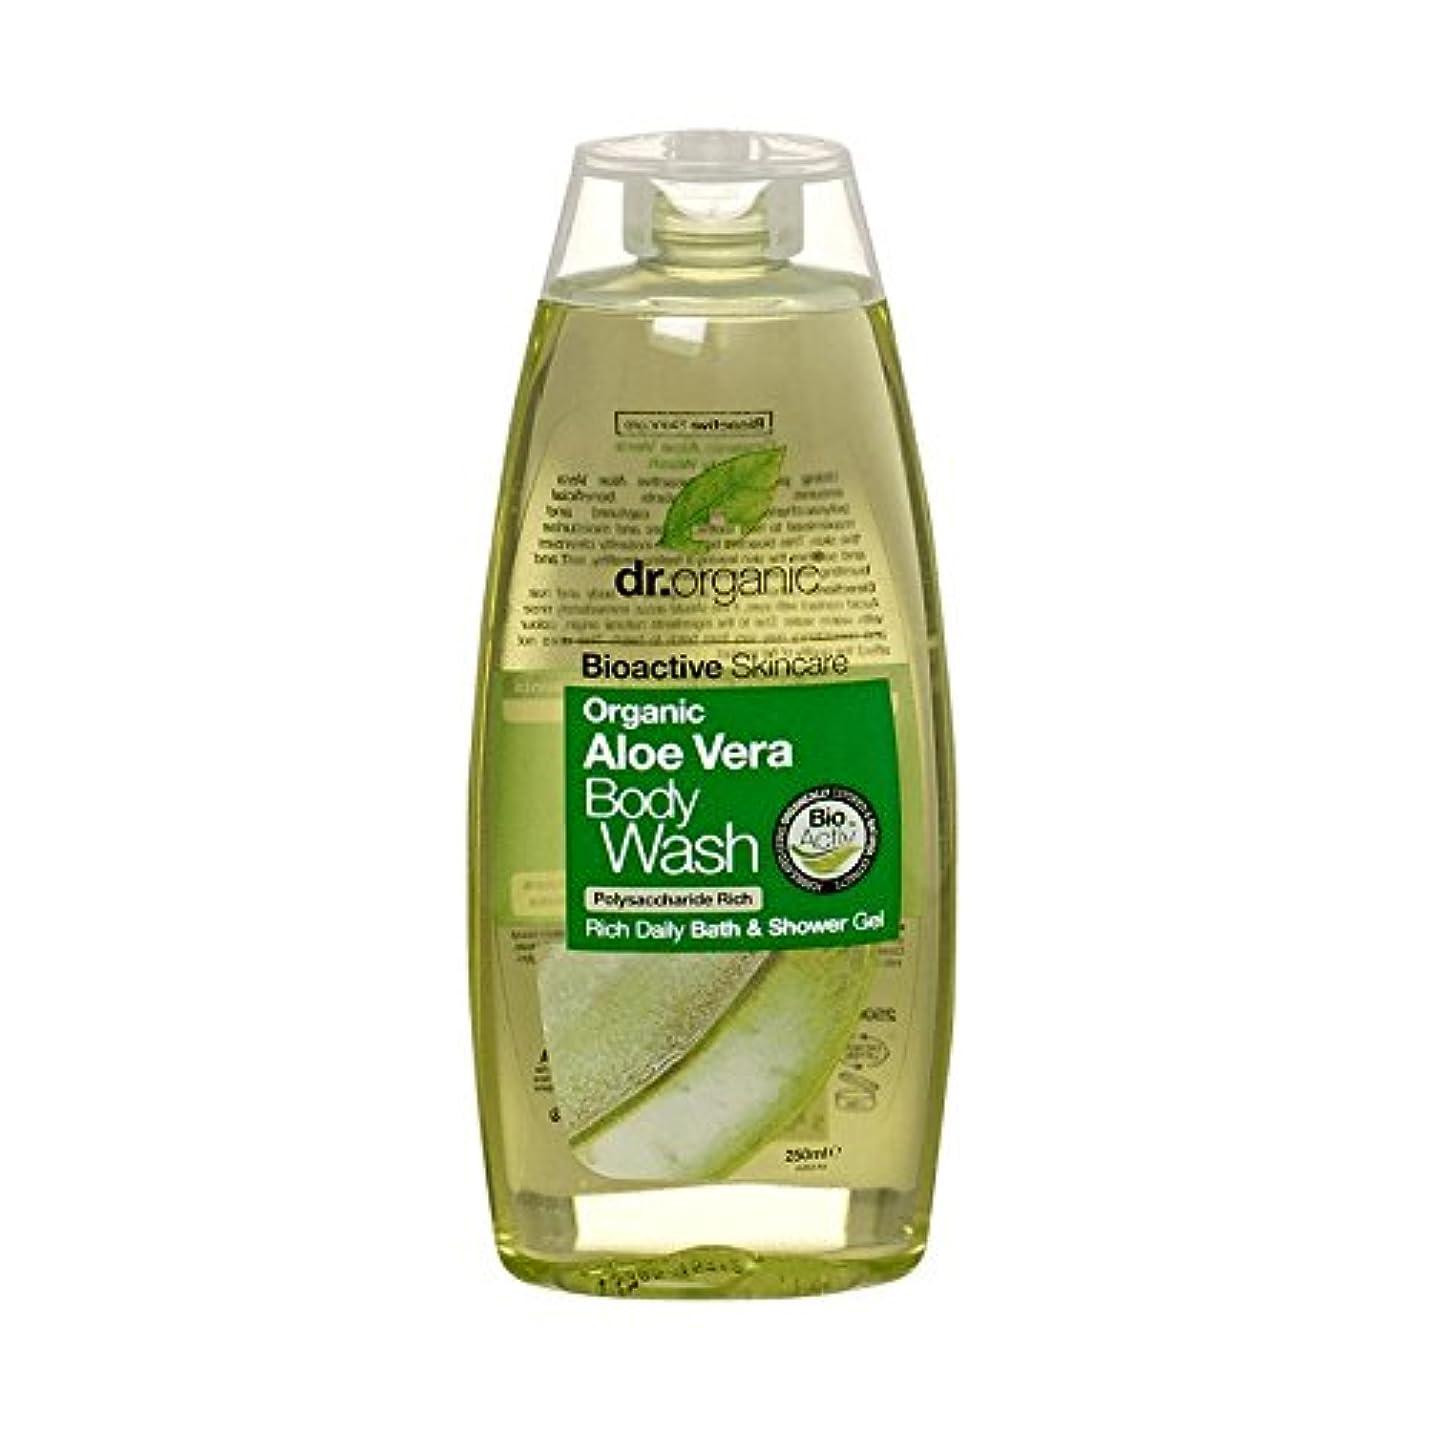 フクロウ傾向があるシーボードDr有機アロエベラボディウォッシュ - Dr Organic Aloe Vera Body Wash (Dr Organic) [並行輸入品]